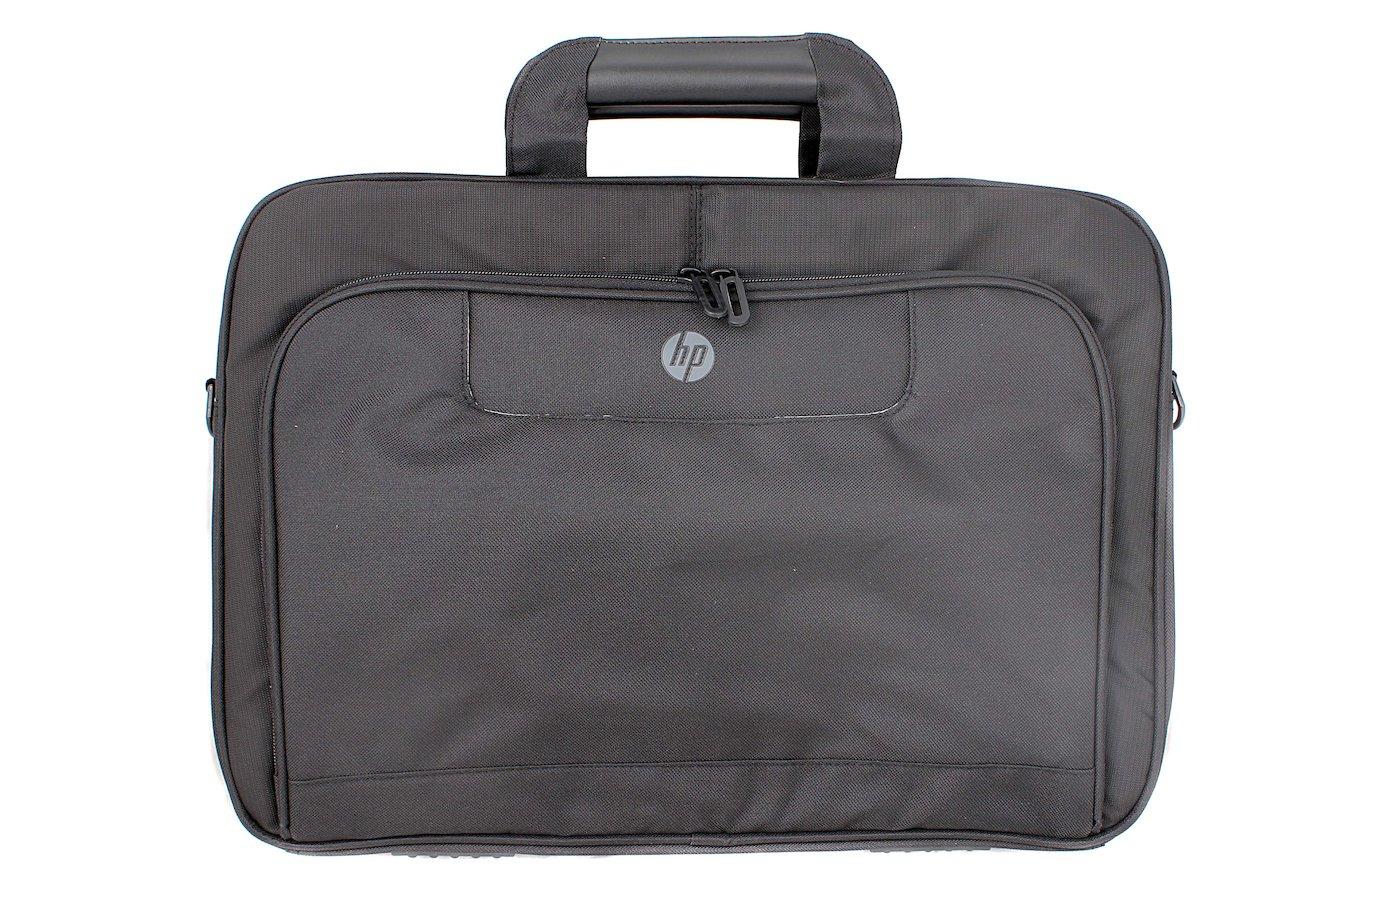 Кейс для ноутбука HP Value 18 Top Load/QB683AA/